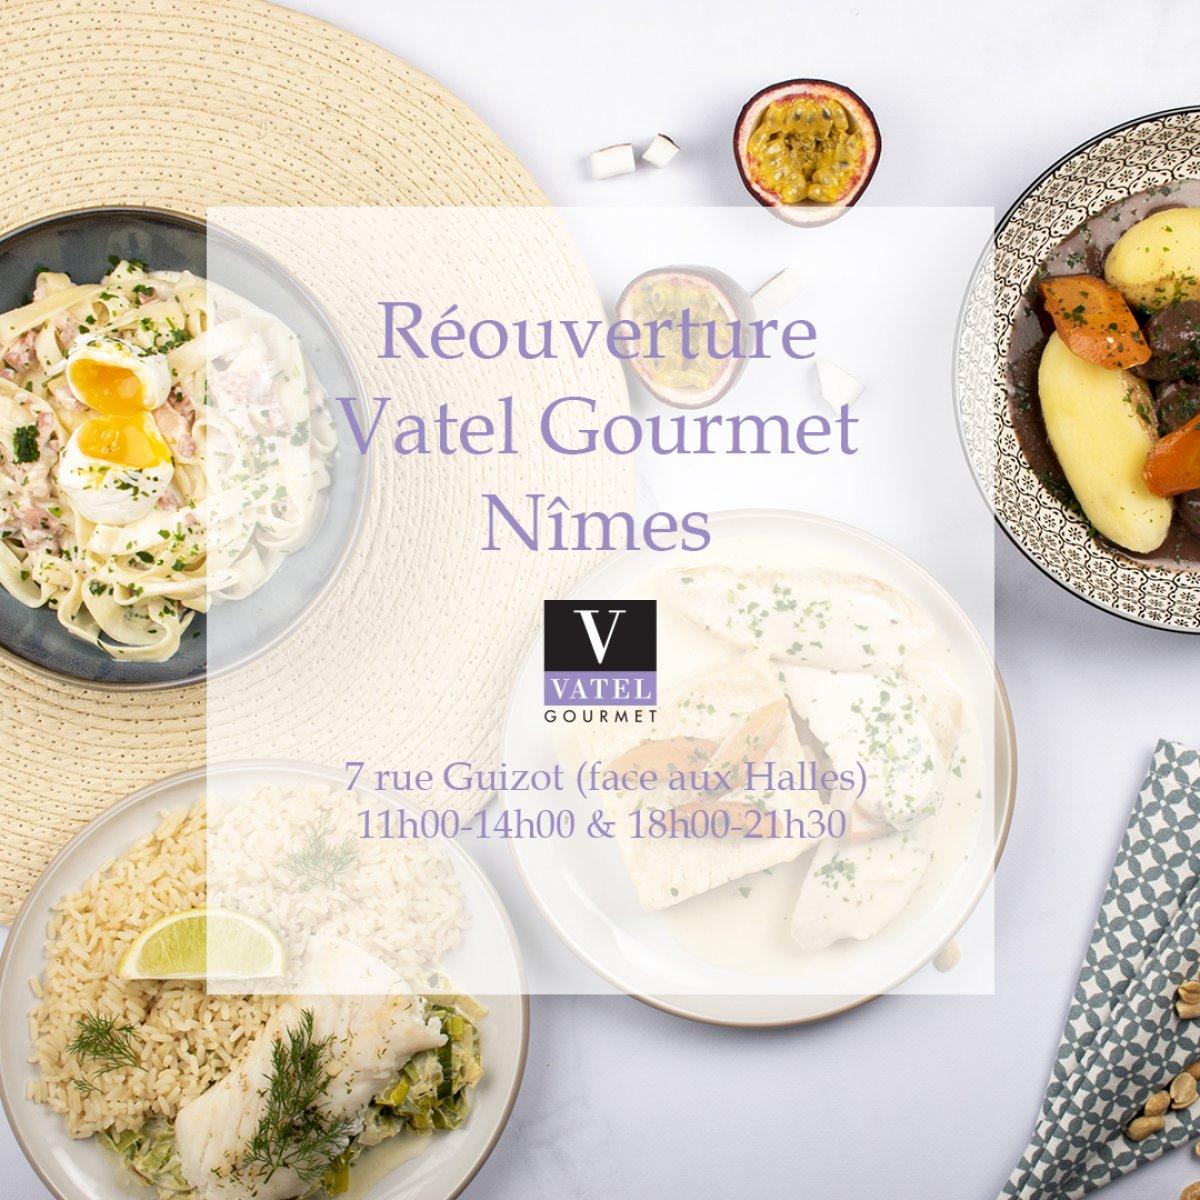 Réouverture de boutique Vatel Gourmet Nîmes  - Vatel Gourmet